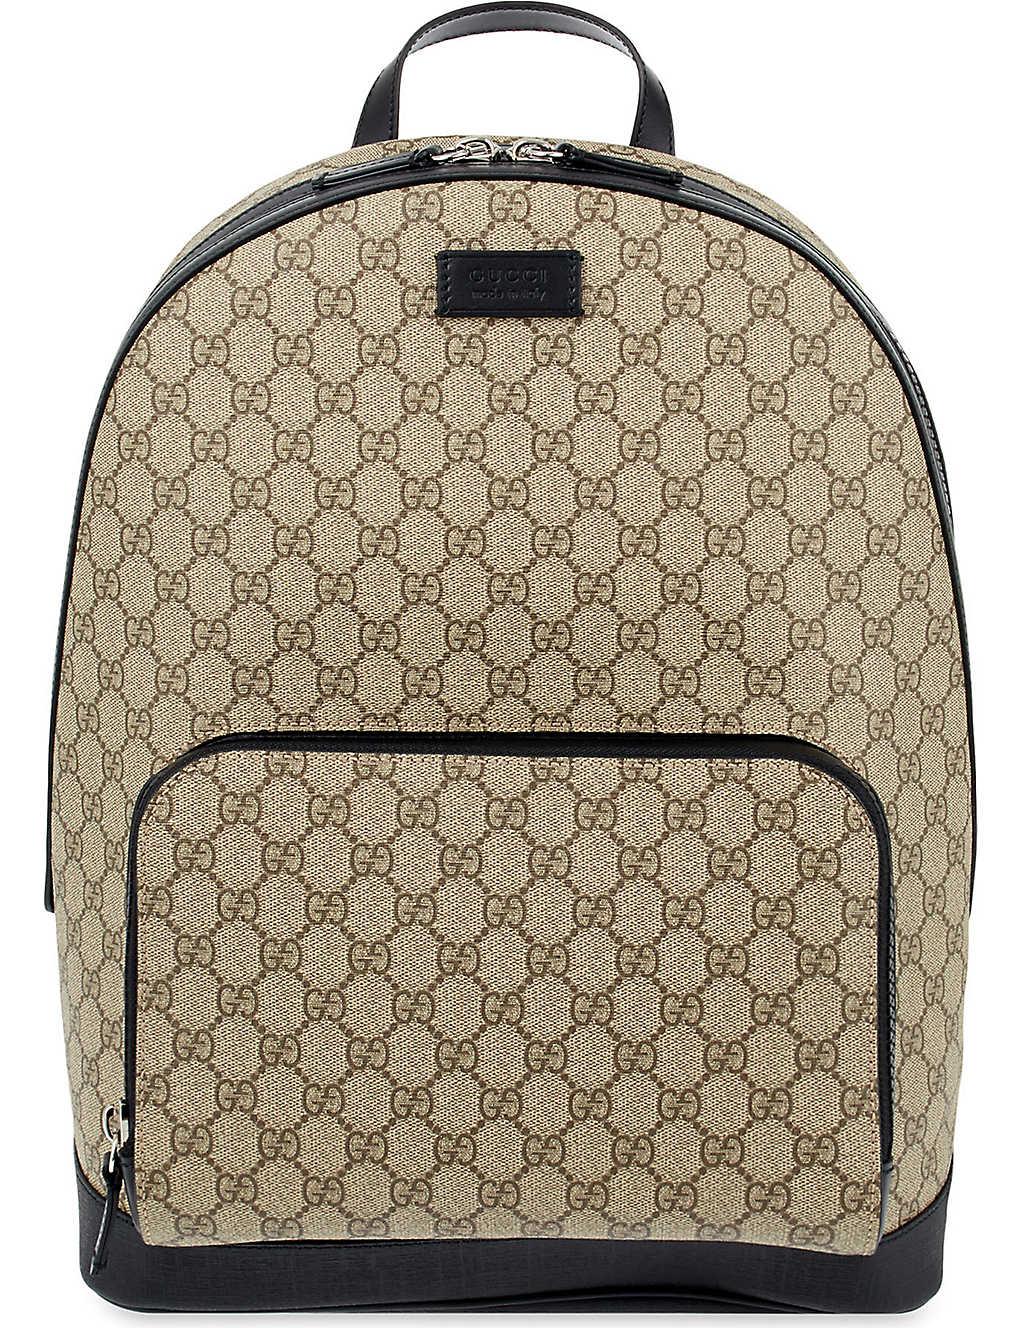 44a0640f95f Supreme backpack zoom  Supreme backpack zoom ...